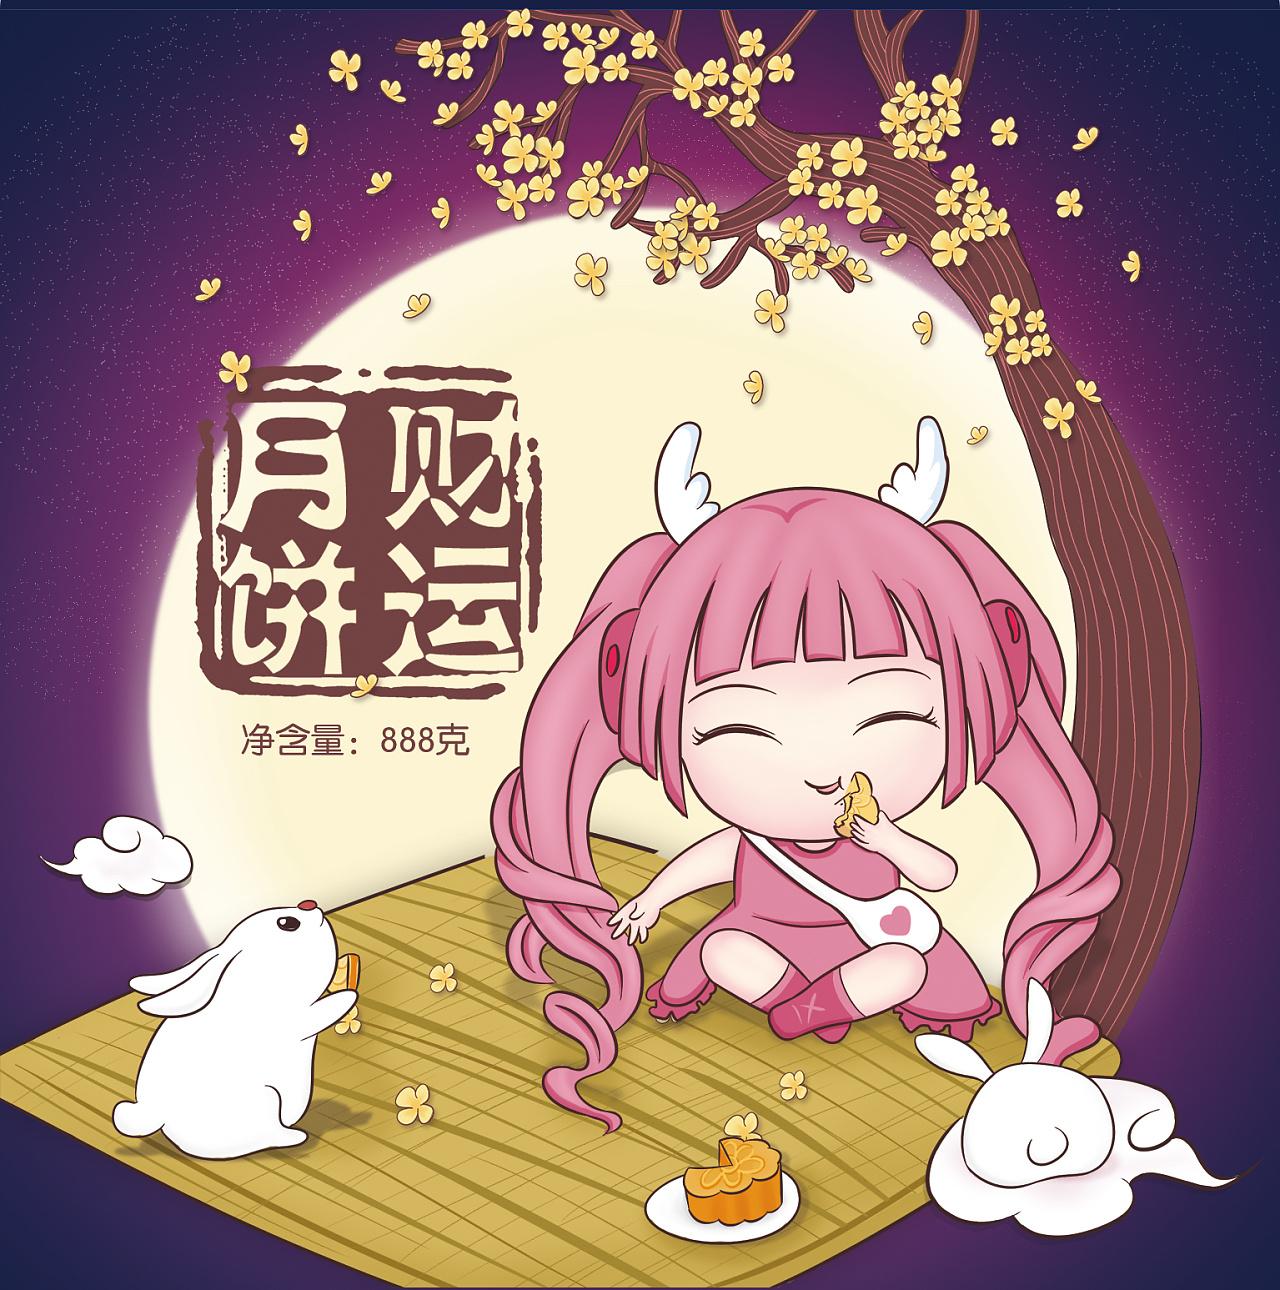 2017年中秋节贺卡(公司)